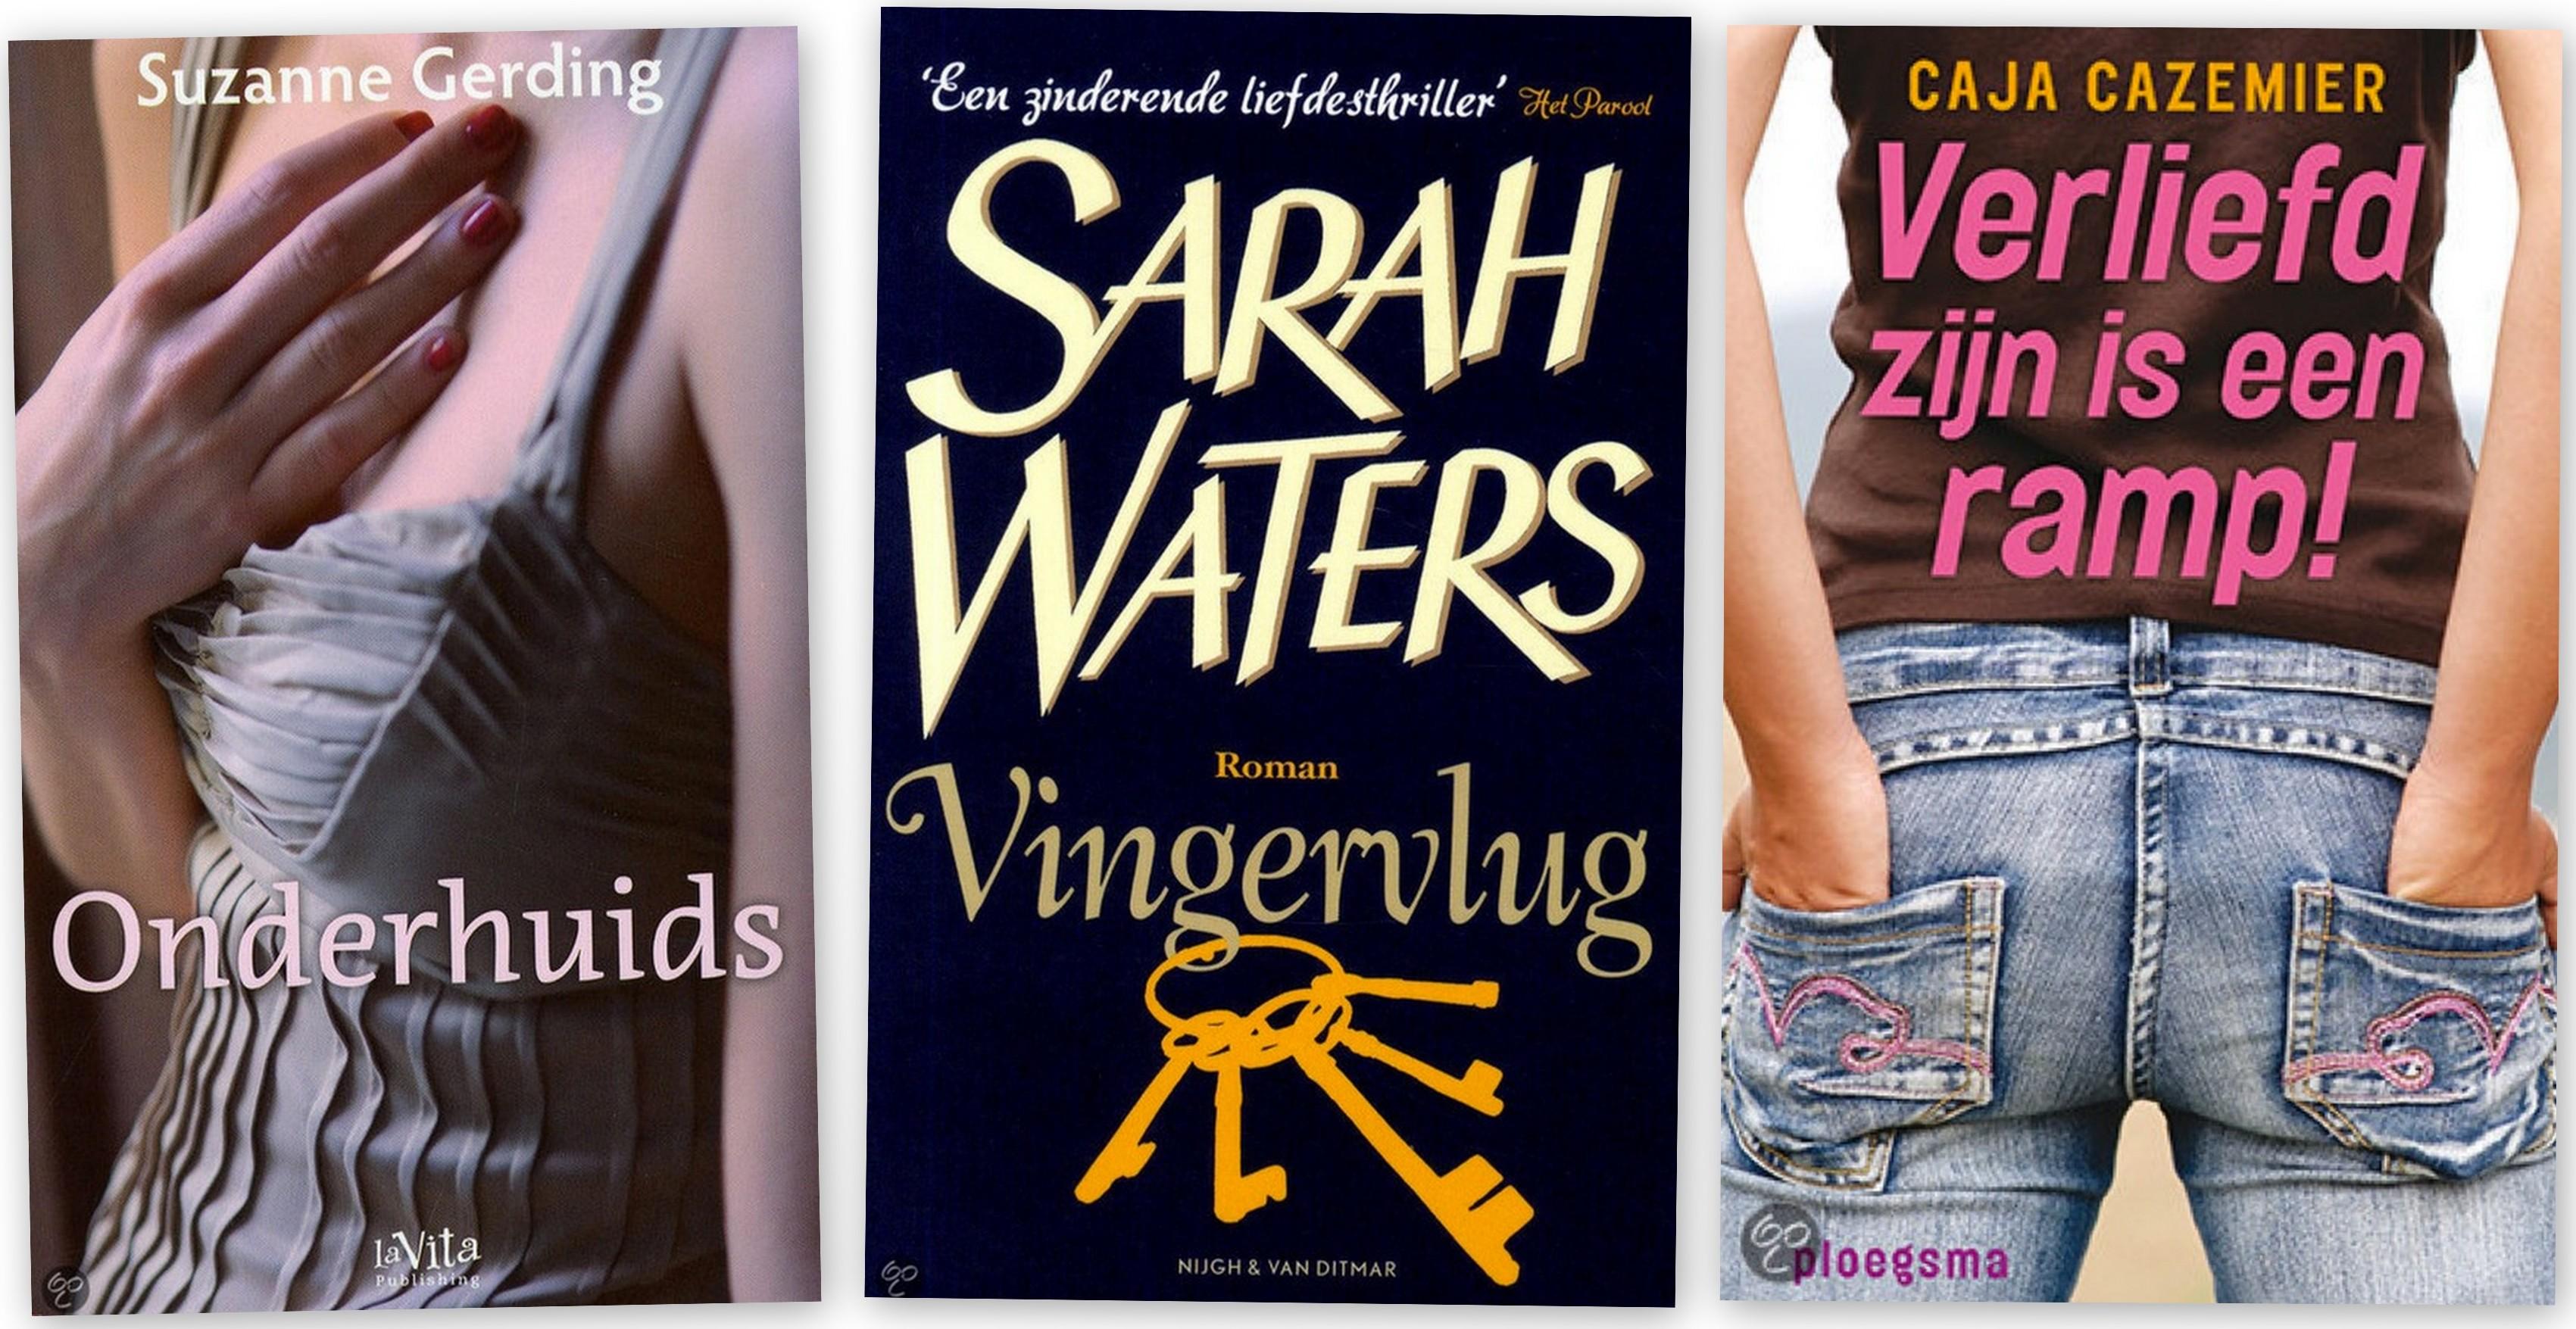 Mooiste boeken voor vrouwen